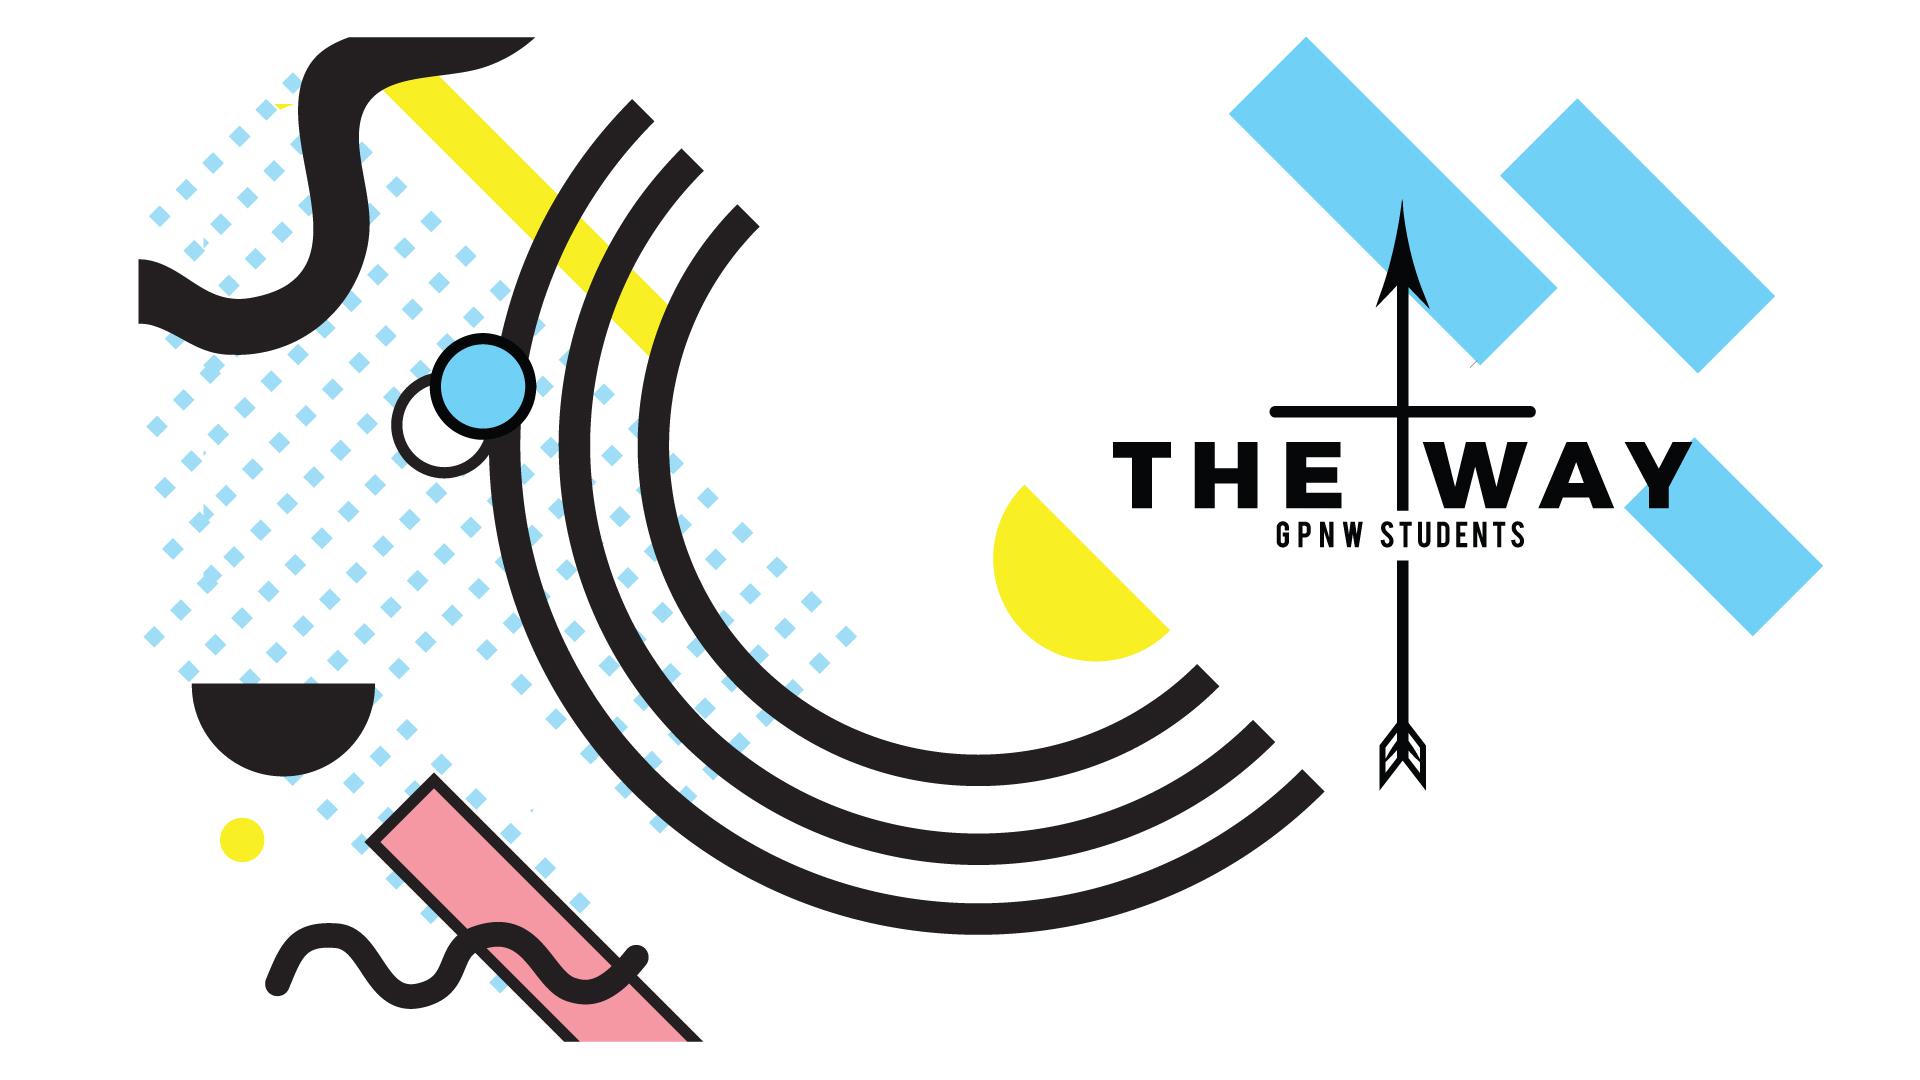 GPNW-the-Way-1920x1080.jpg